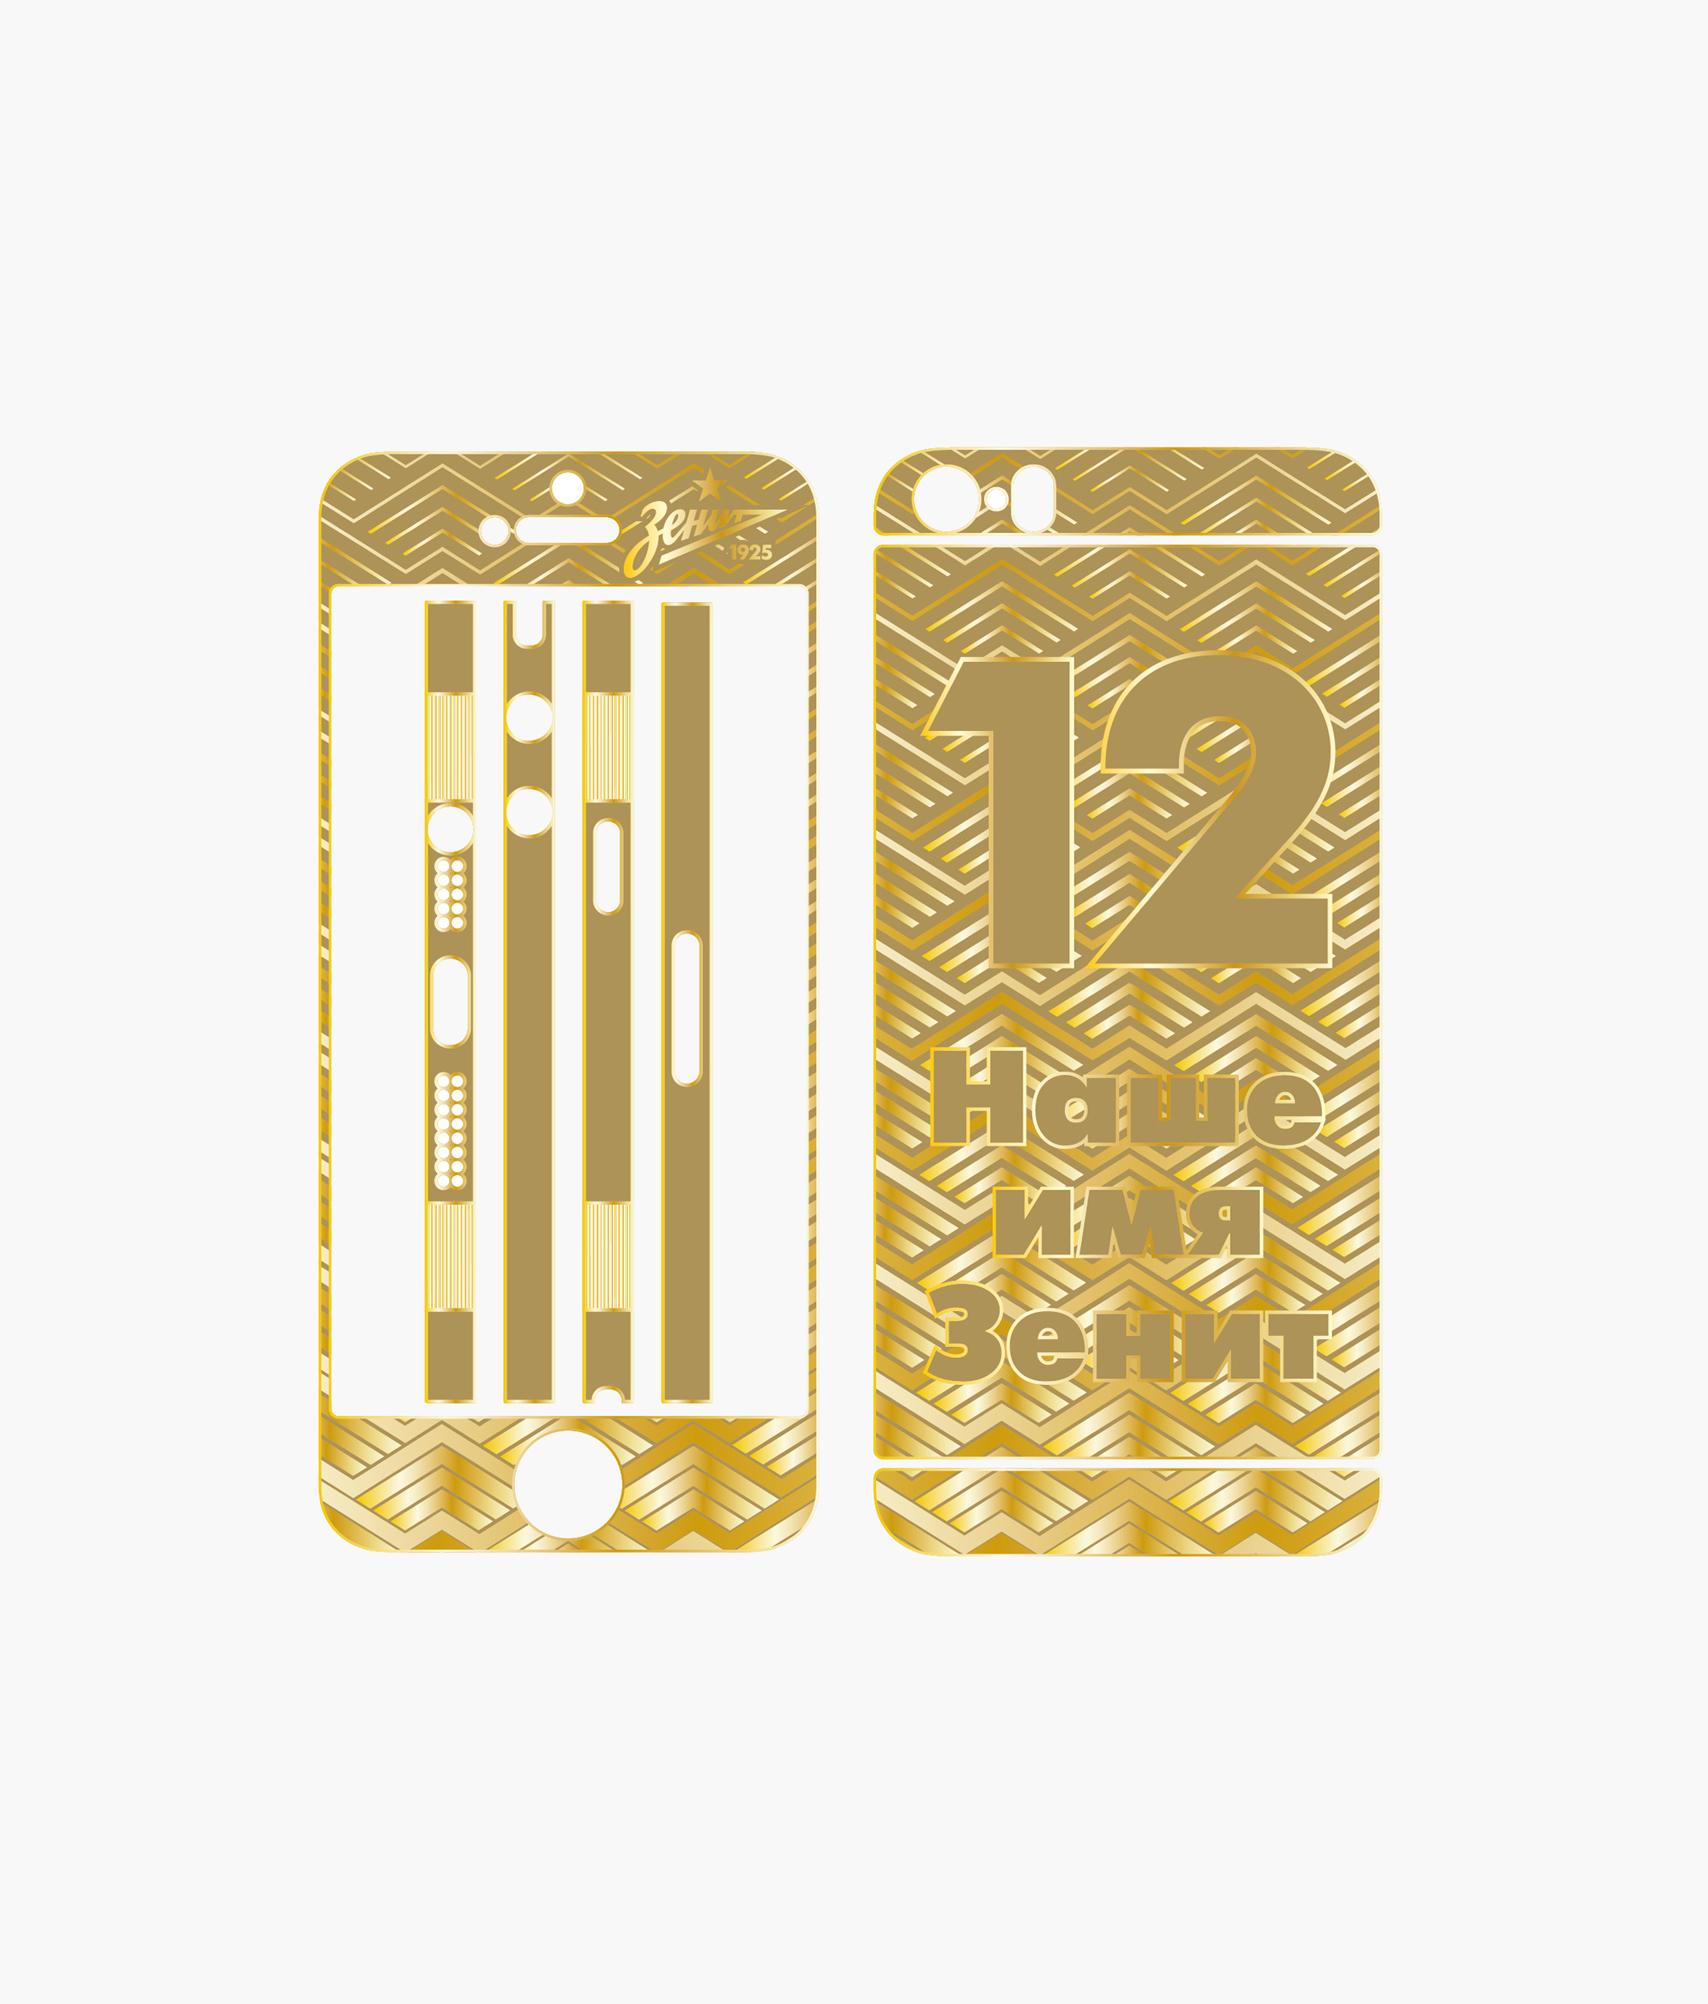 Фото - Золотая наклейка на Iphone 5S «Наше имя Зенит» Зенит телефон